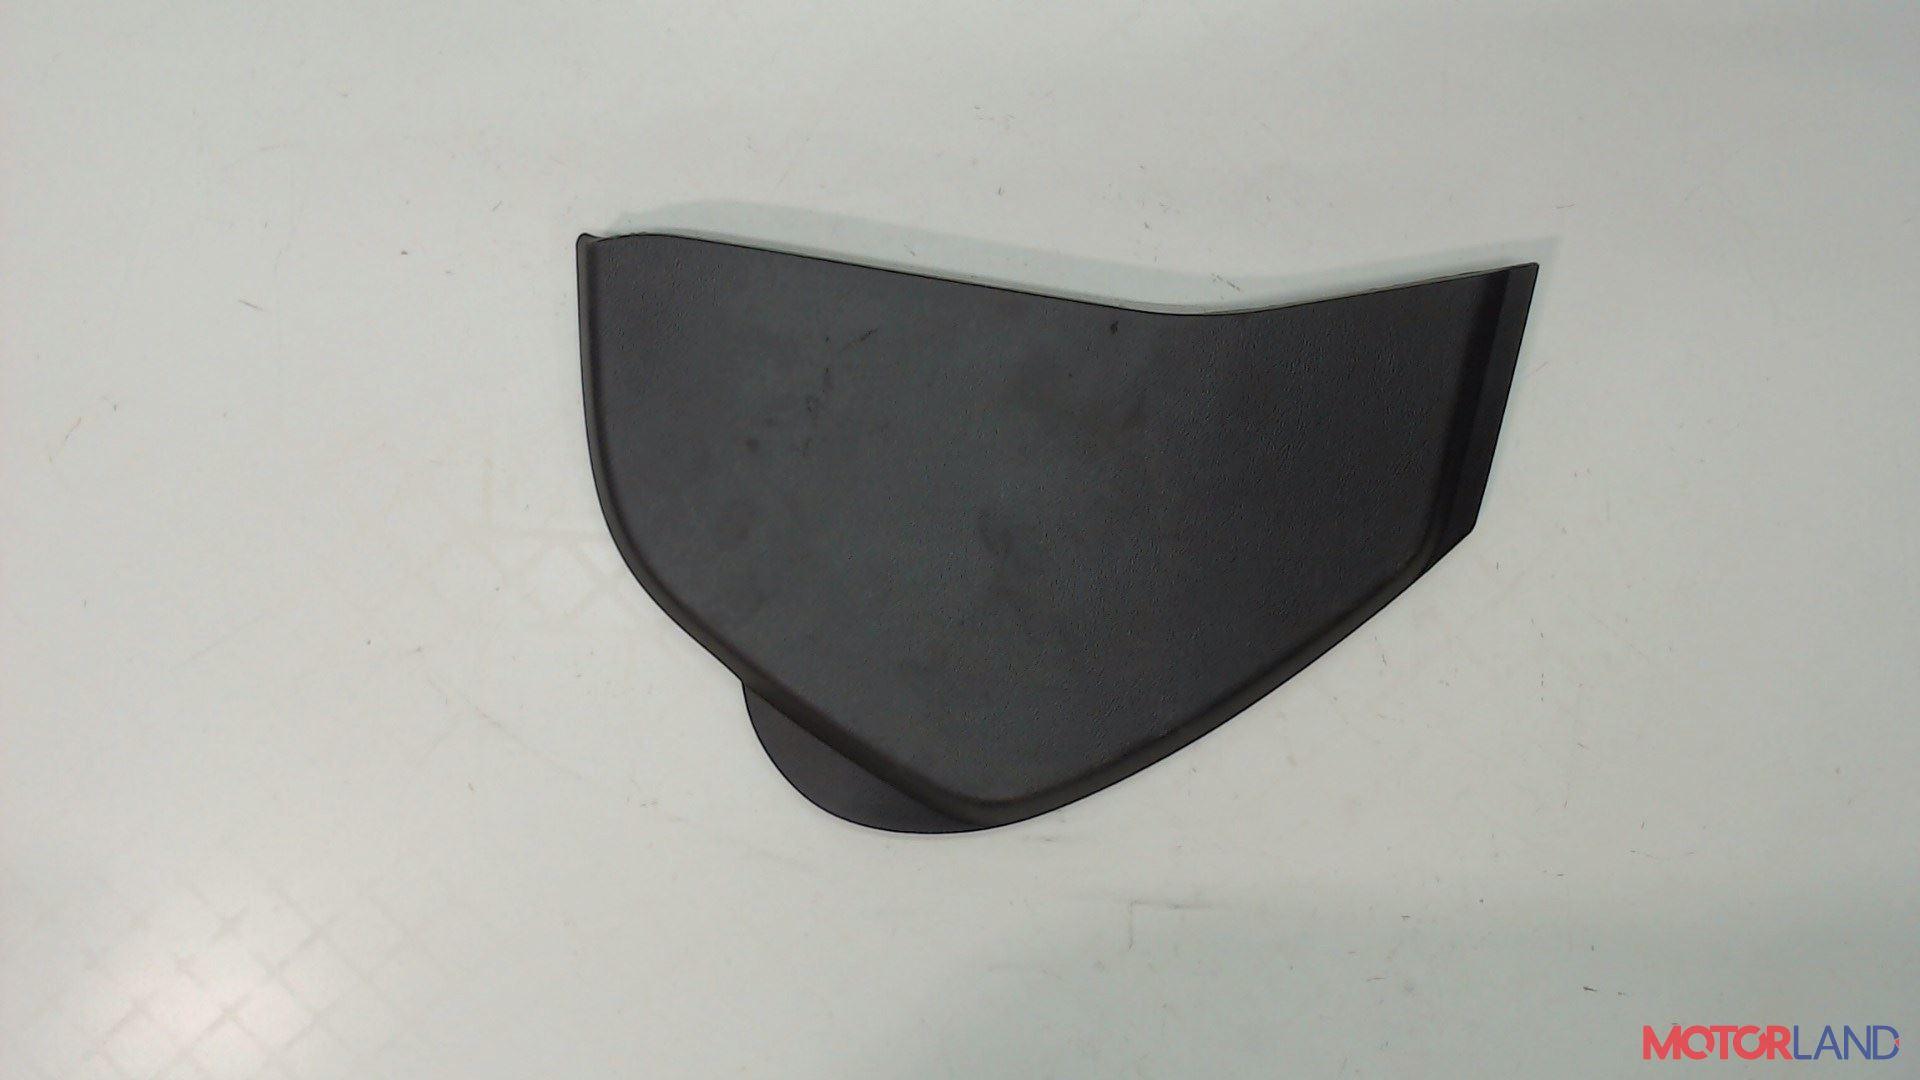 Пластик (обшивка) Acura TL 2008-2014, Артикул 5598057 #1